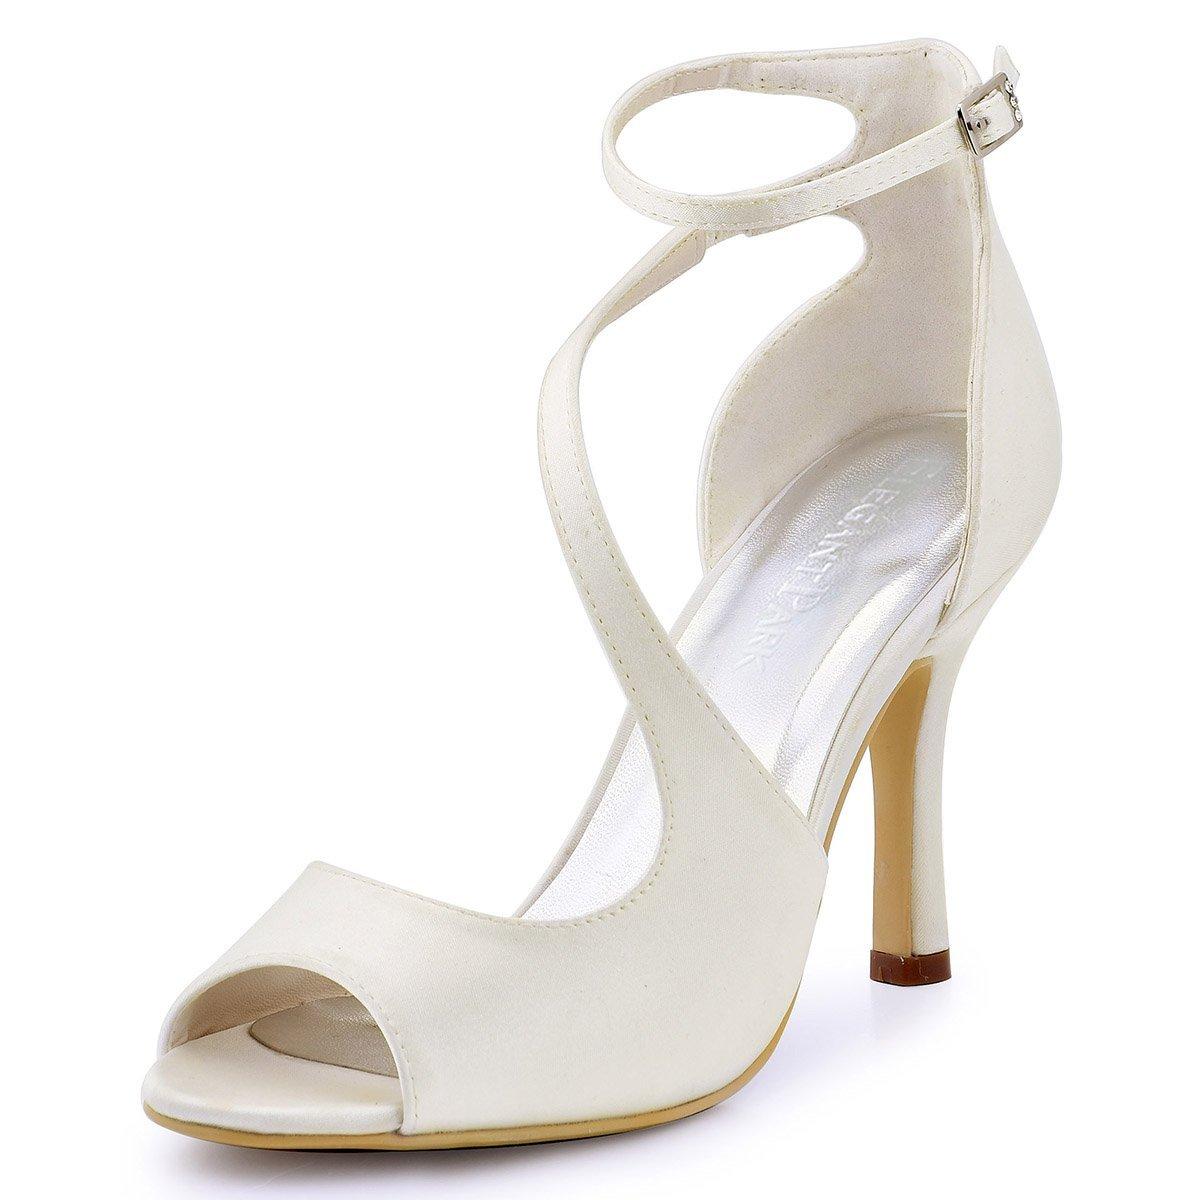 ElegantPark Ivoire HP1505 Escarpins Femme Bout 19939 Ouvert Diamant Btide Cheville Femme Boucle Sandales Chaussures de mariee Bal Satin Ivoire abf9fdc - jessicalock.space